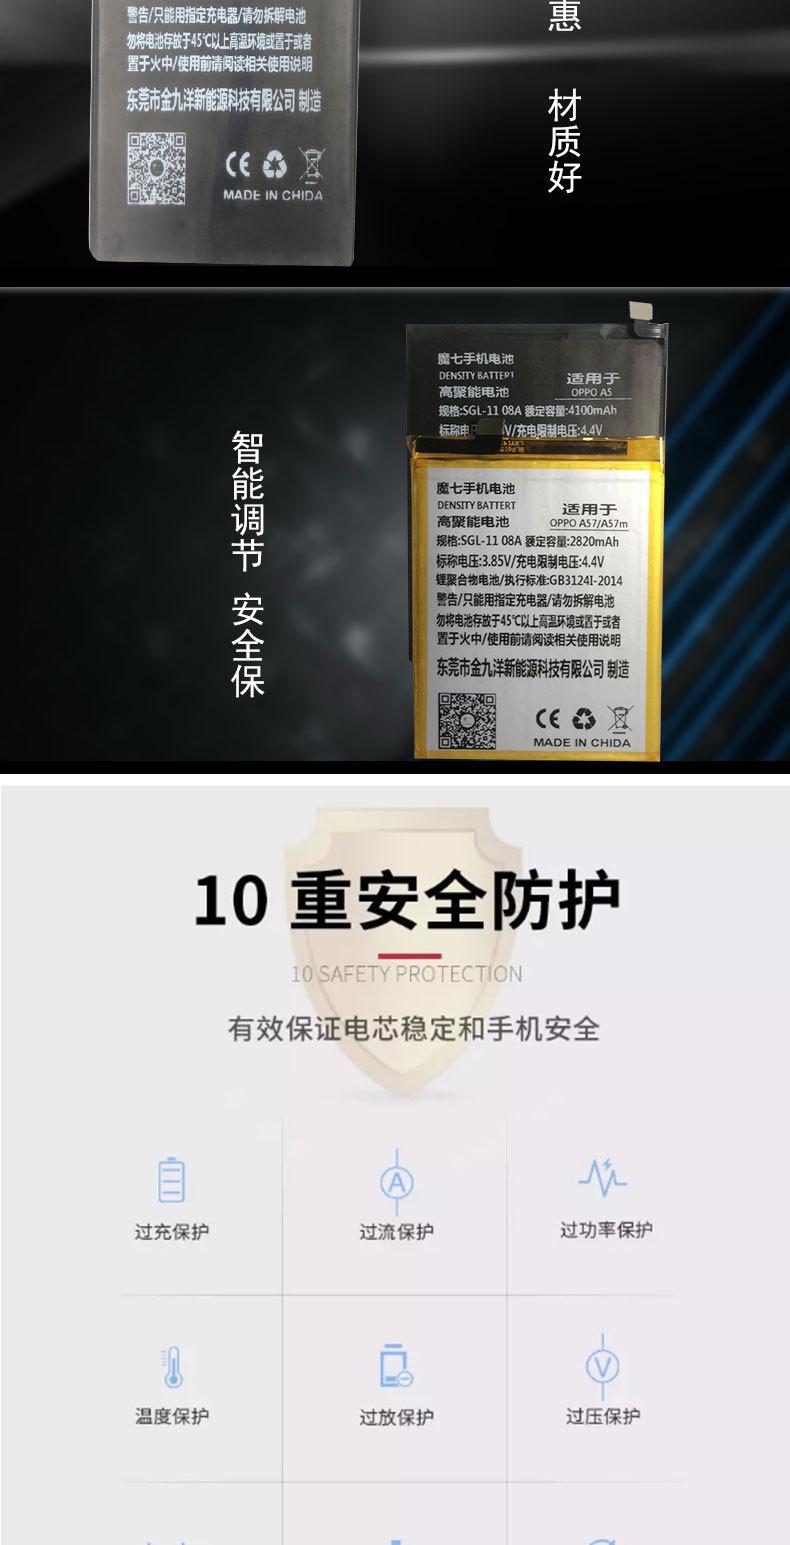 Pin điện thoại Áp dụng pin oppo R9